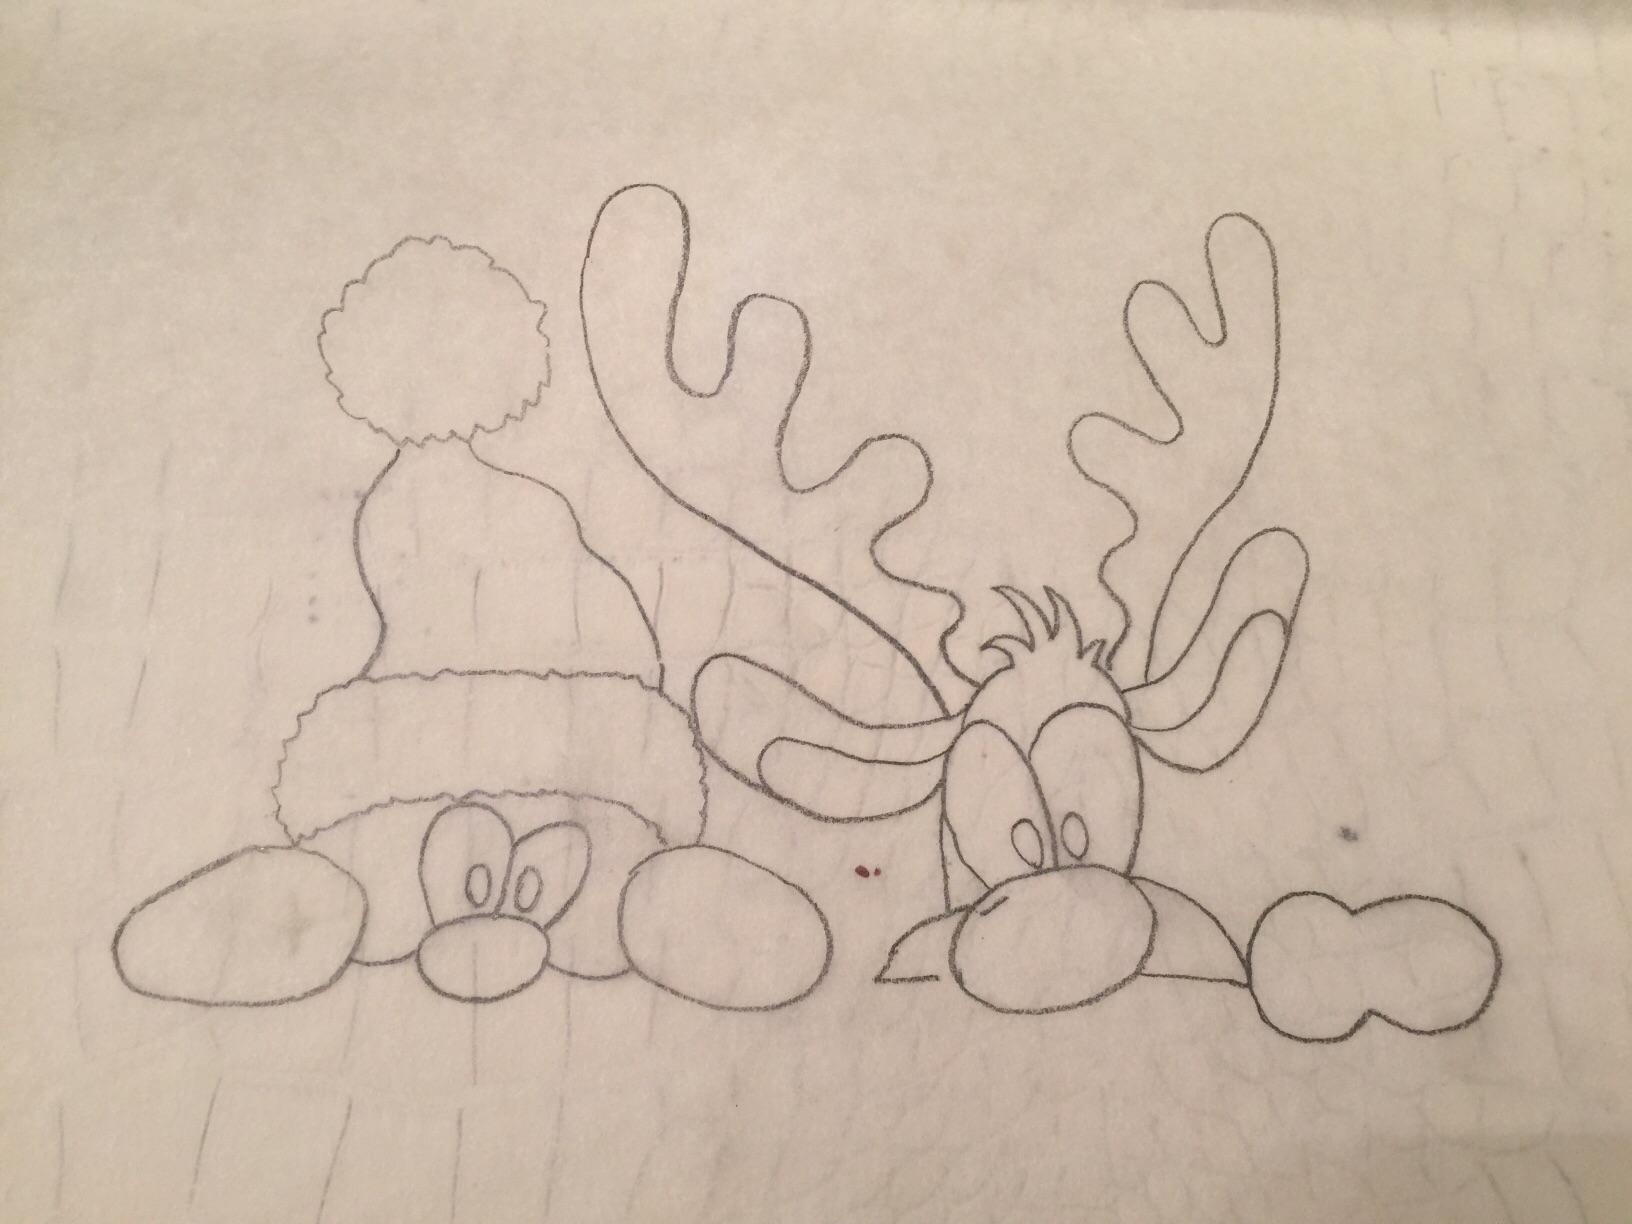 油纸上用食用铅笔画好设计稿